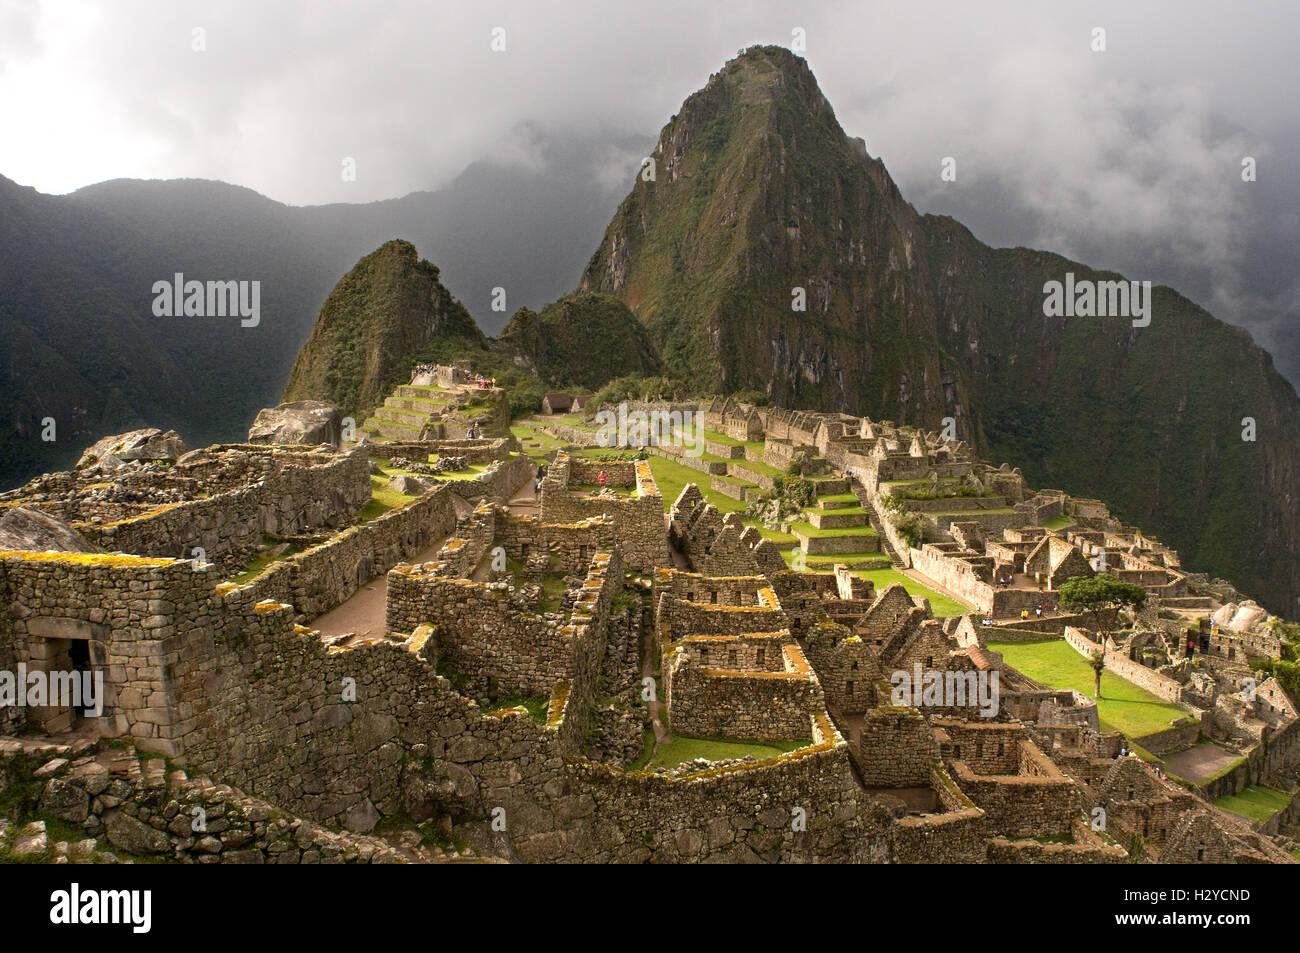 Dentro del complejo arqueológico de Machu Picchu. Machu Picchu es una ciudad situada en las montañas de Imagen De Stock